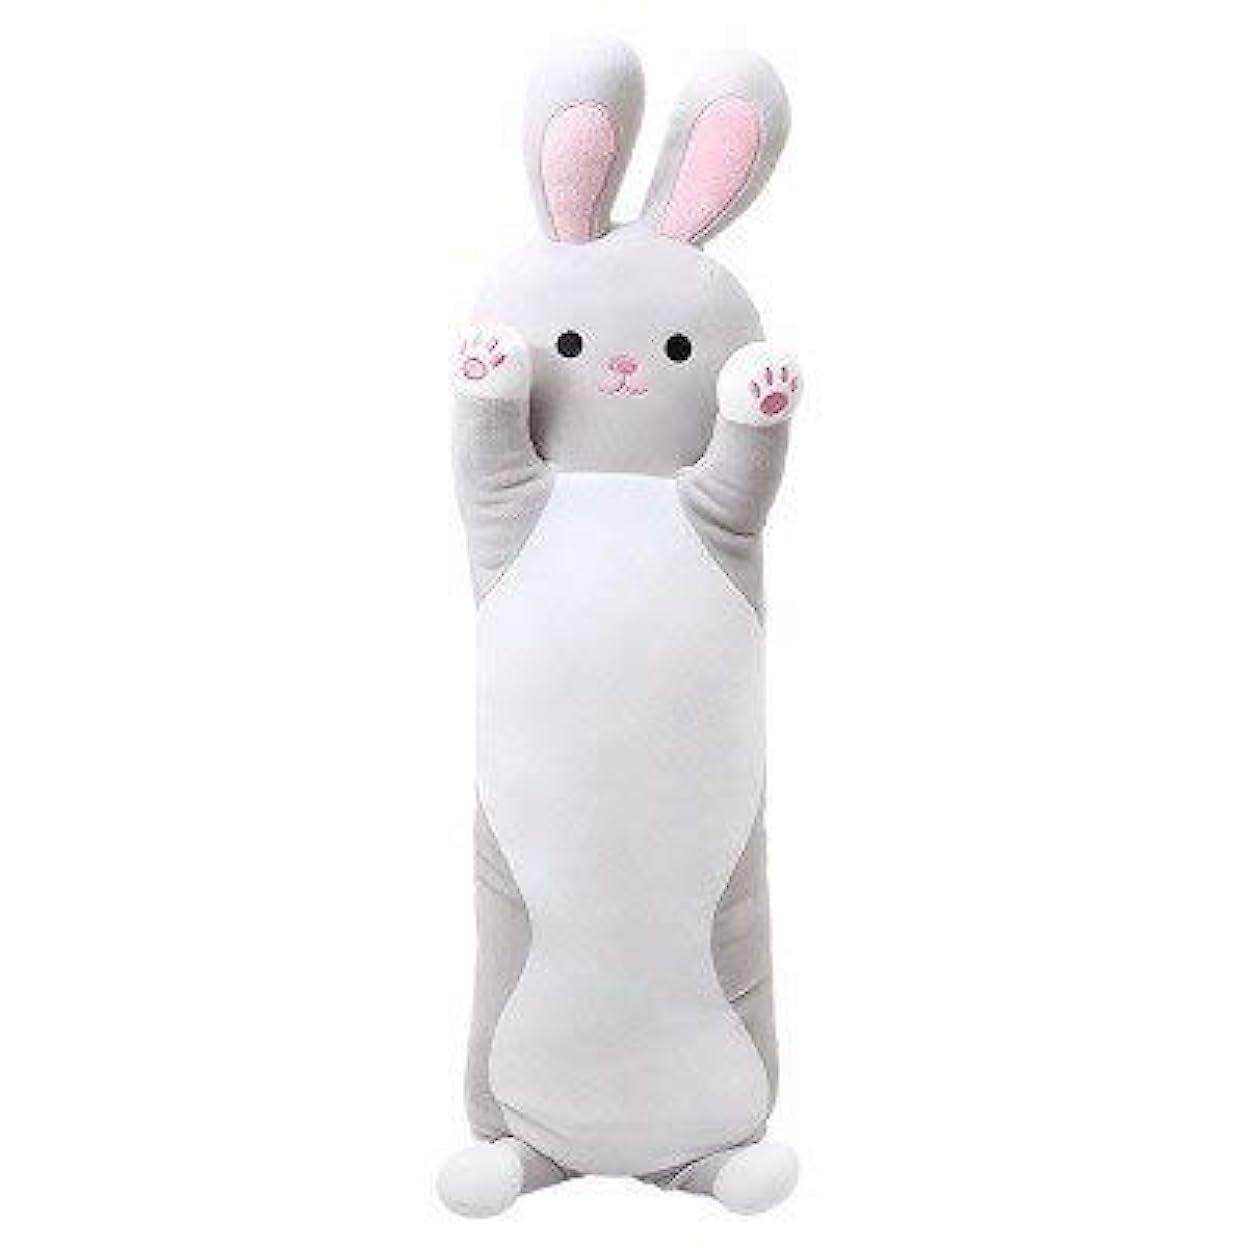 クラウン常習的素人LIFE センチメートルウサギのぬいぐるみロング睡眠枕を送信するために女の子 Almofada クッション床 Coussin Cojines 装飾 Overwatch クッション 椅子